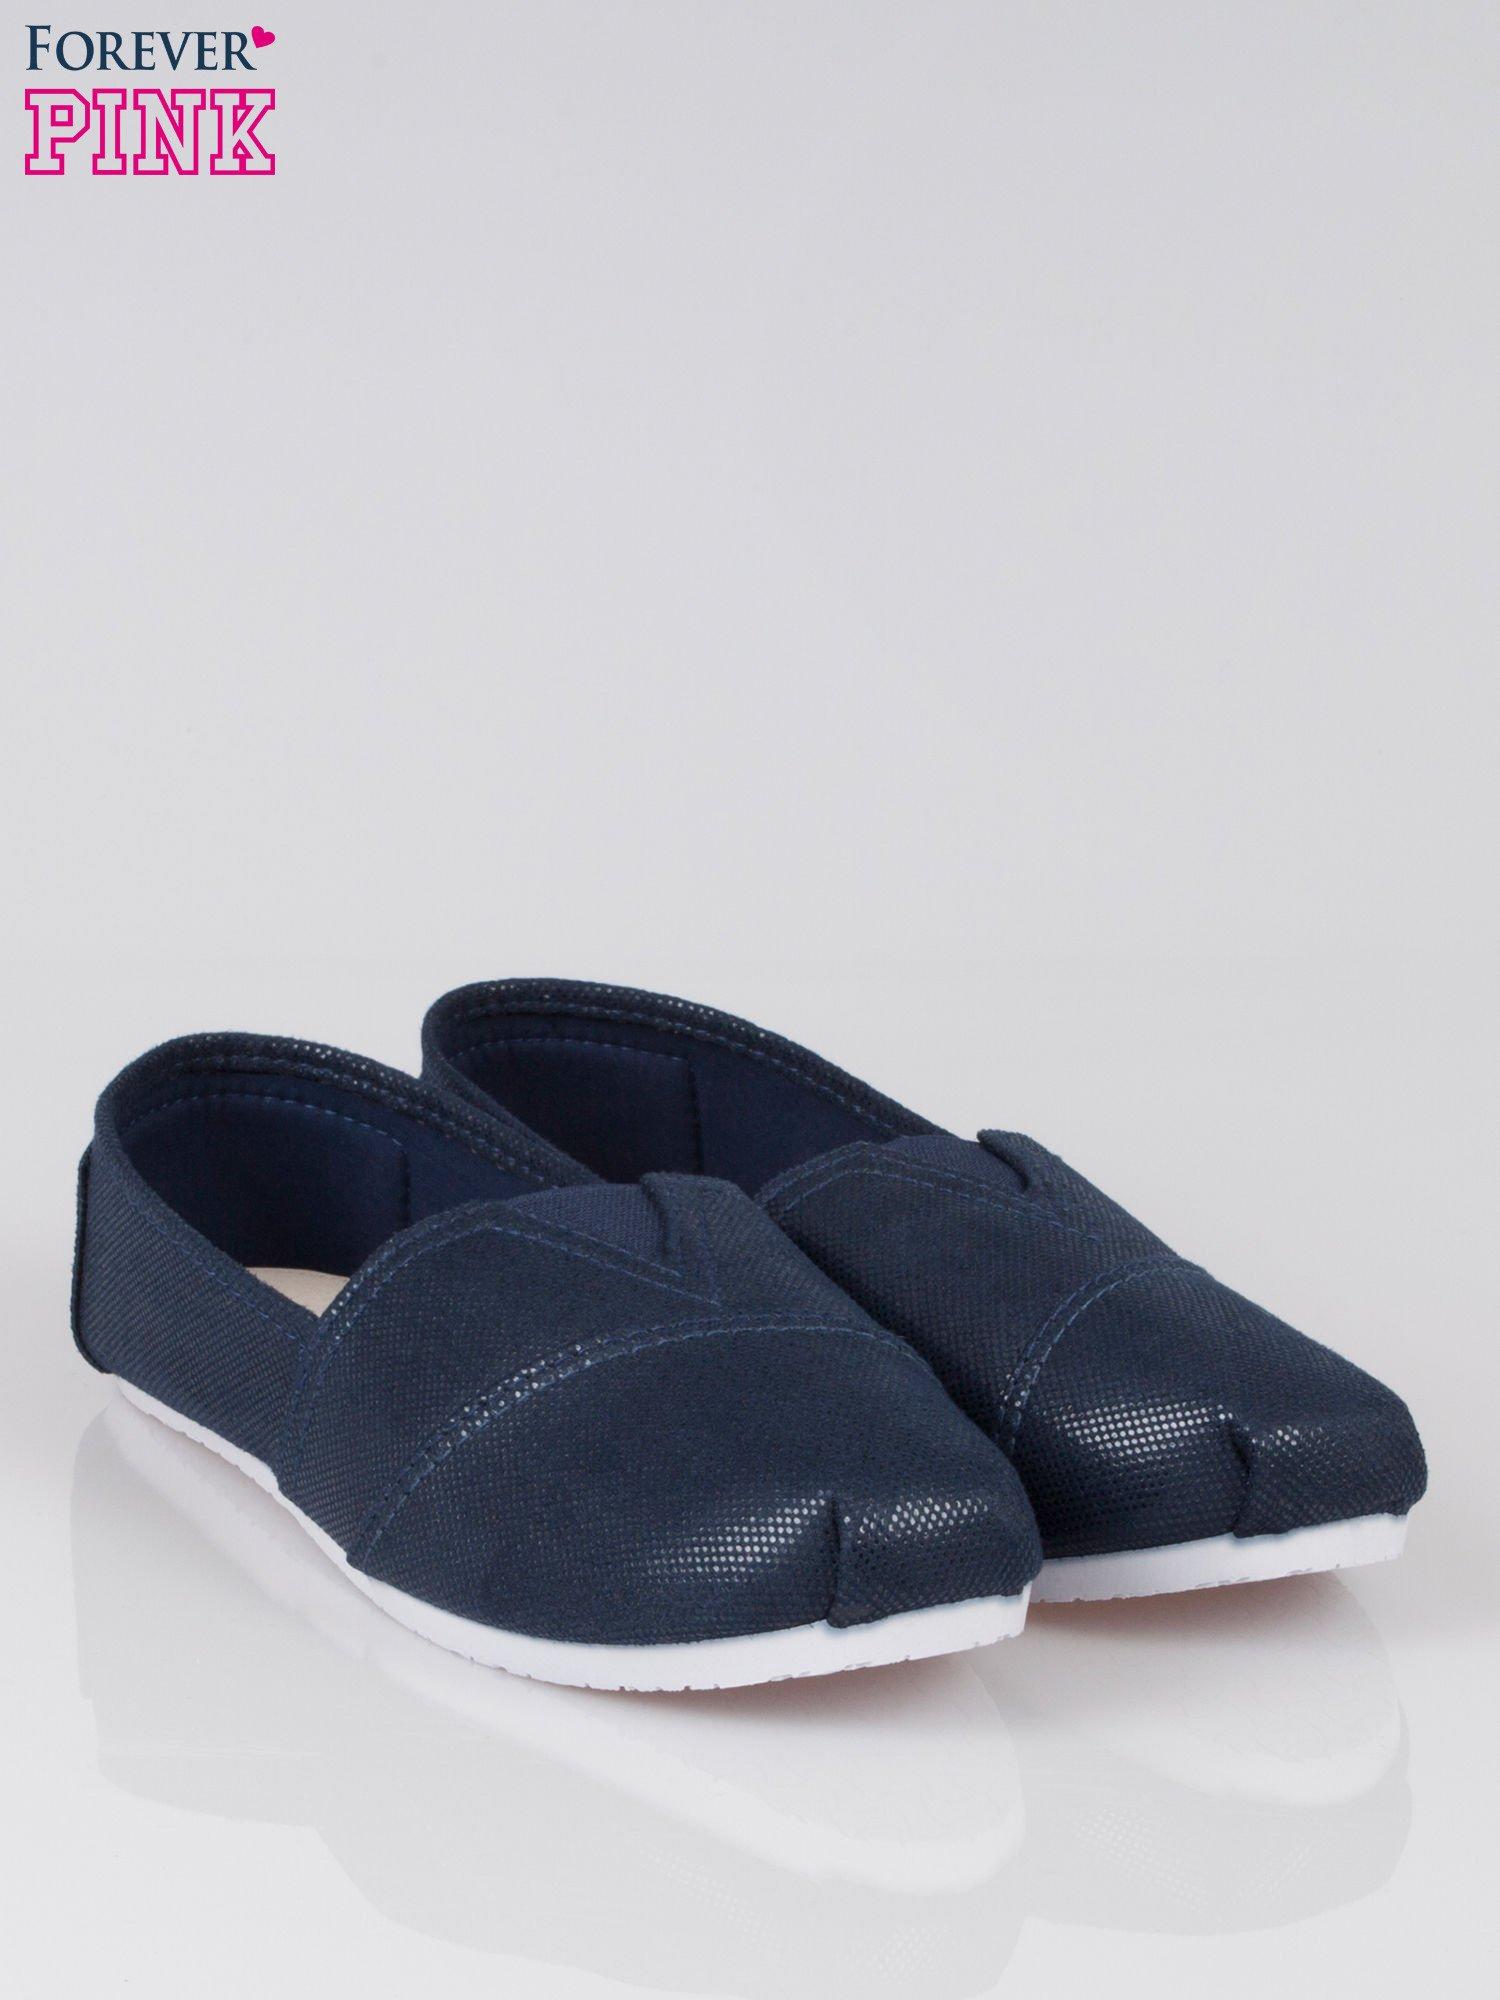 Granatowe buty sliponki z efektem skóry jaszczurki                                  zdj.                                  2